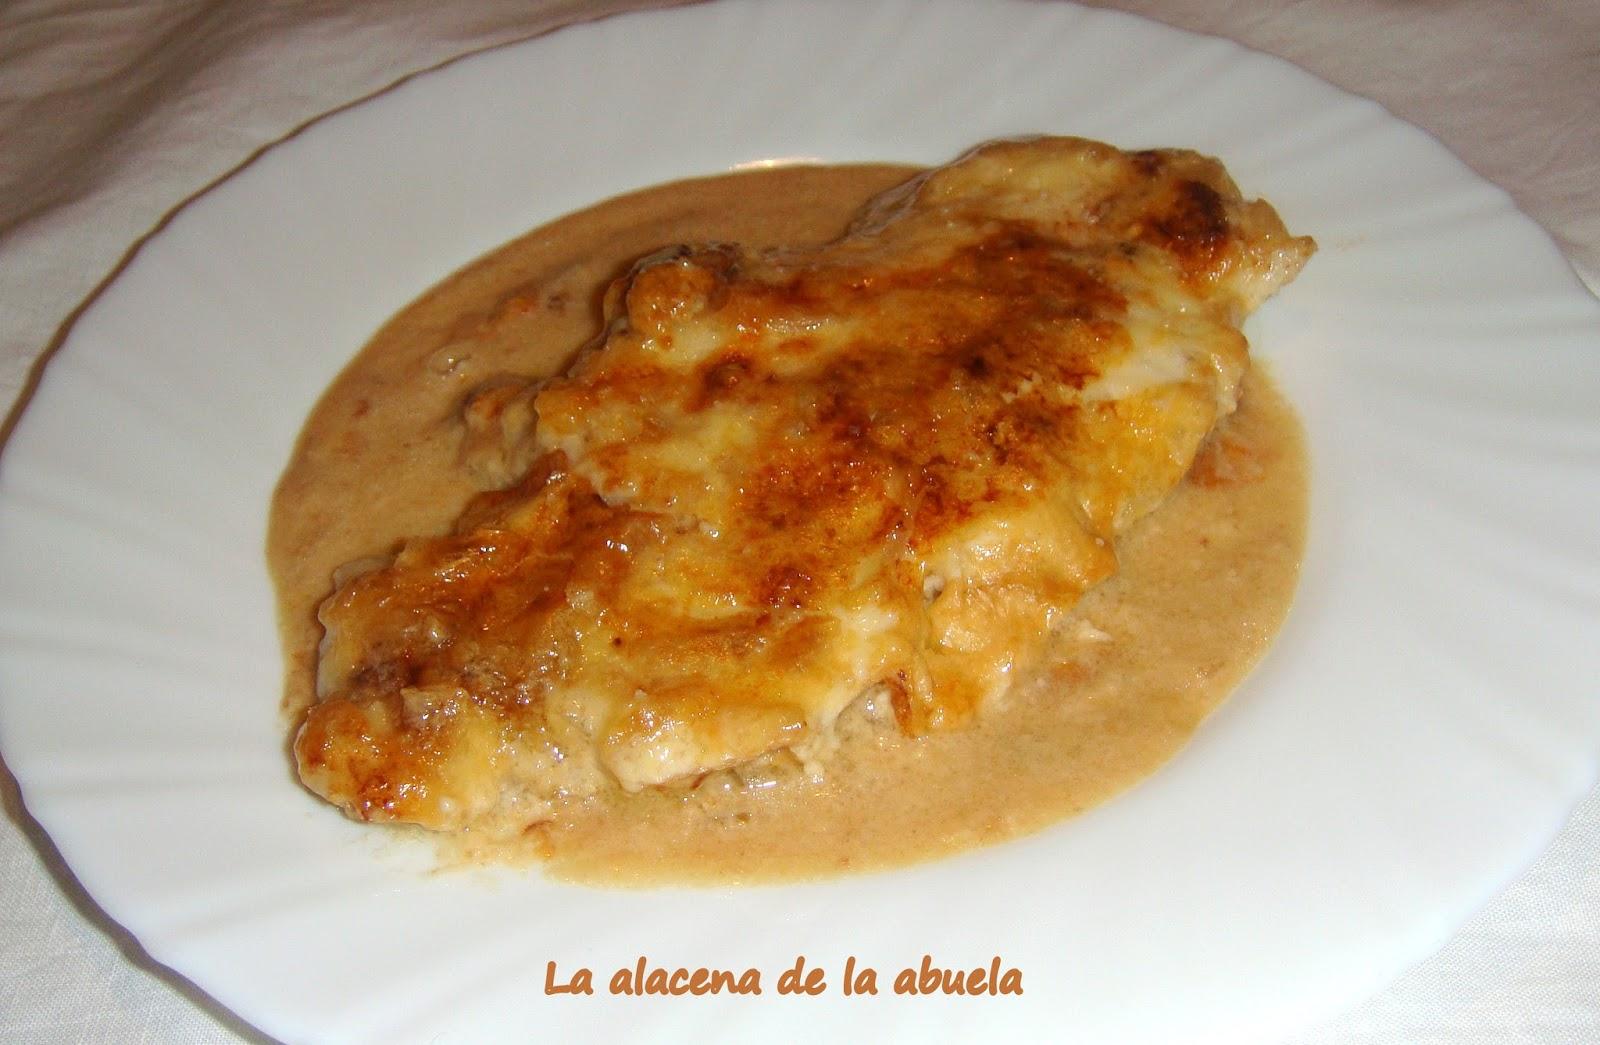 La alacena de la abuela carmen pechugas de pollo con sopa for Cocina casera de la abuela